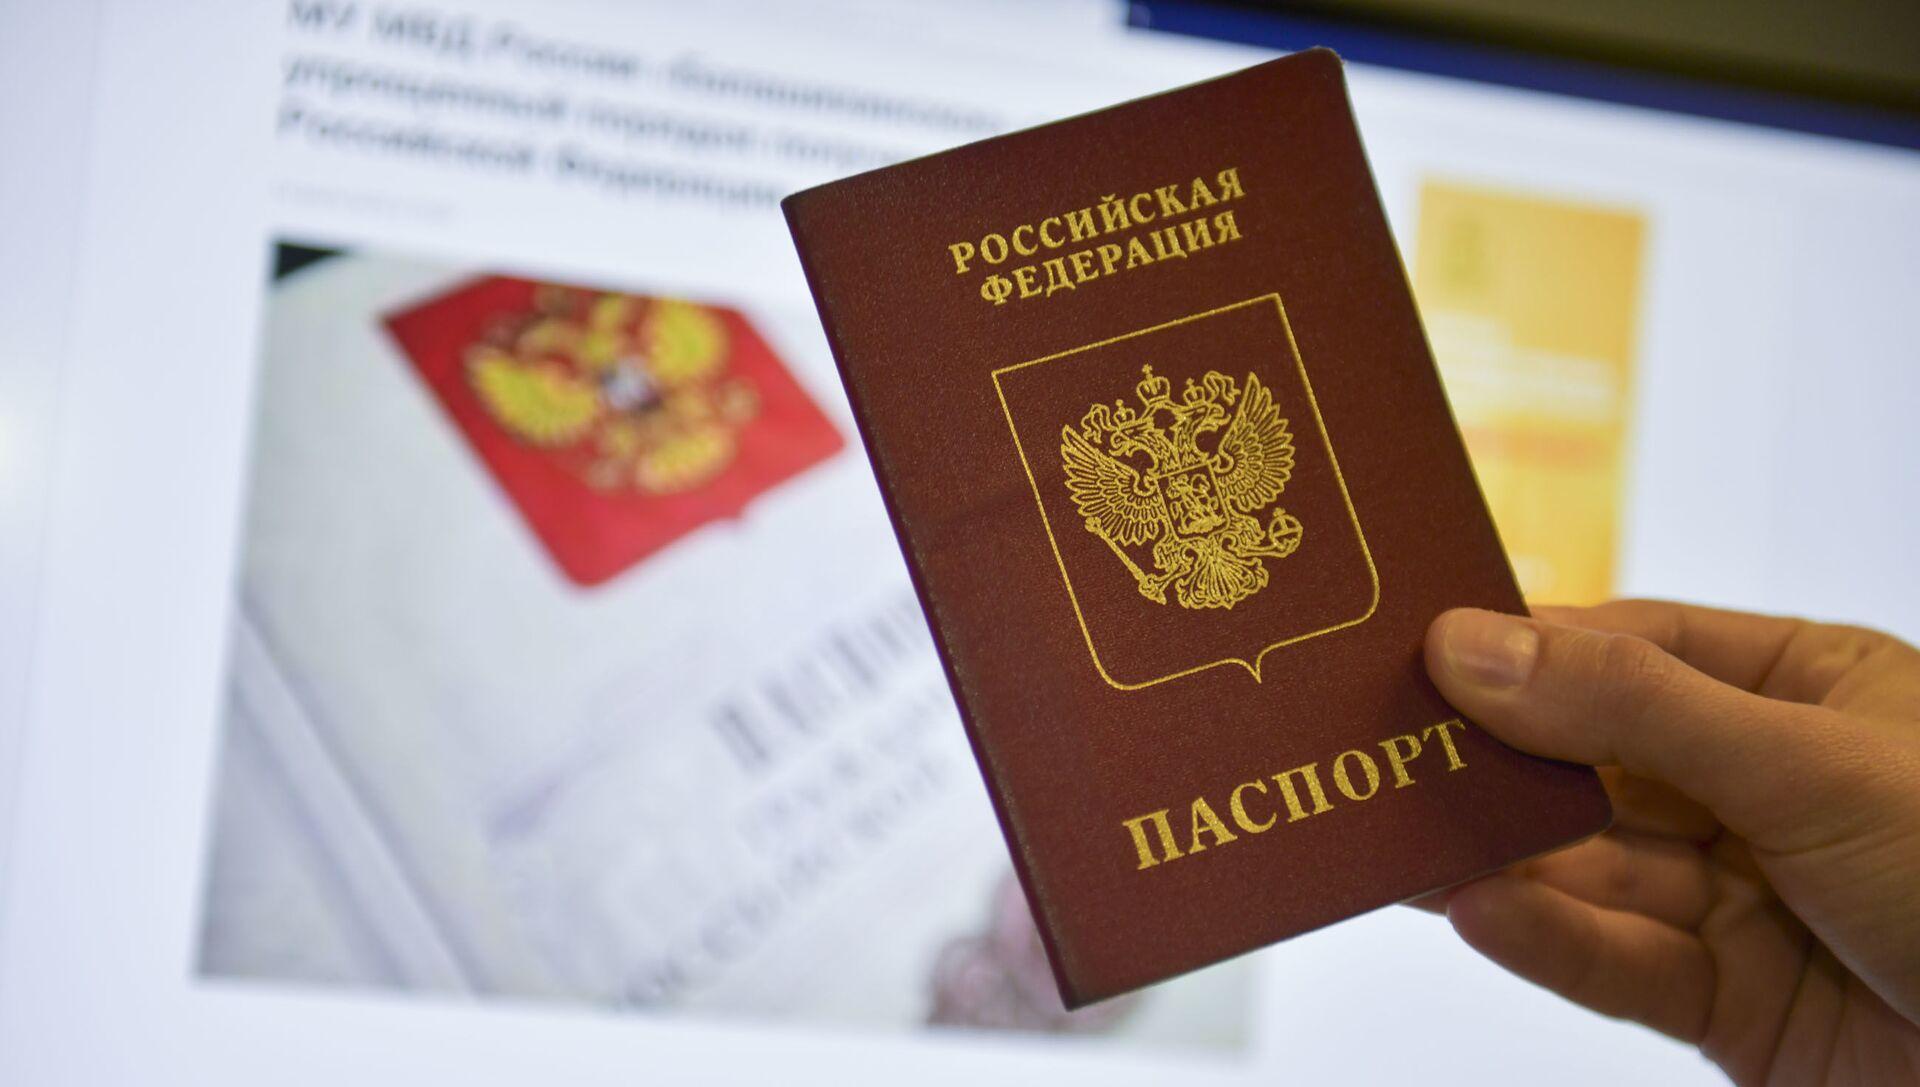 Паспорт Российской Федерации  - Sputnik Абхазия, 1920, 22.09.2021